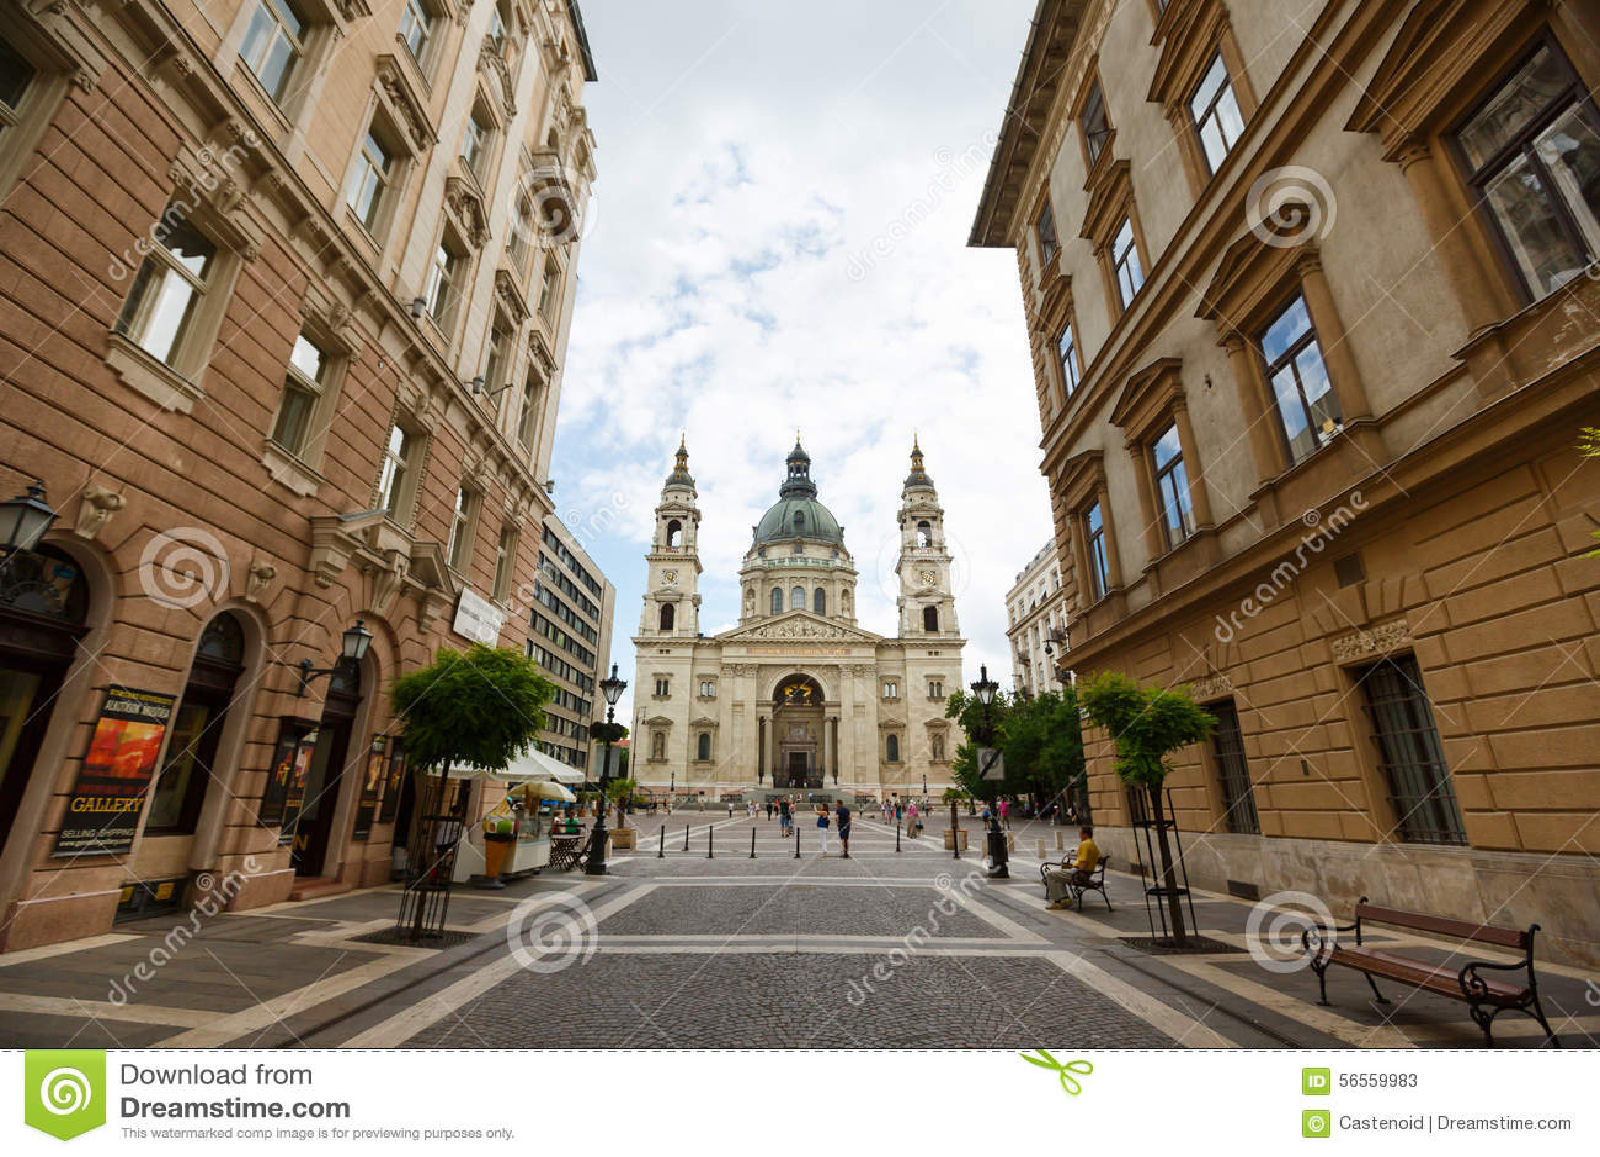 Download βασιλική s Άγιος stephen εκδοτική στοκ εικόνες. εικόνα από ουγγρικά - 56559983